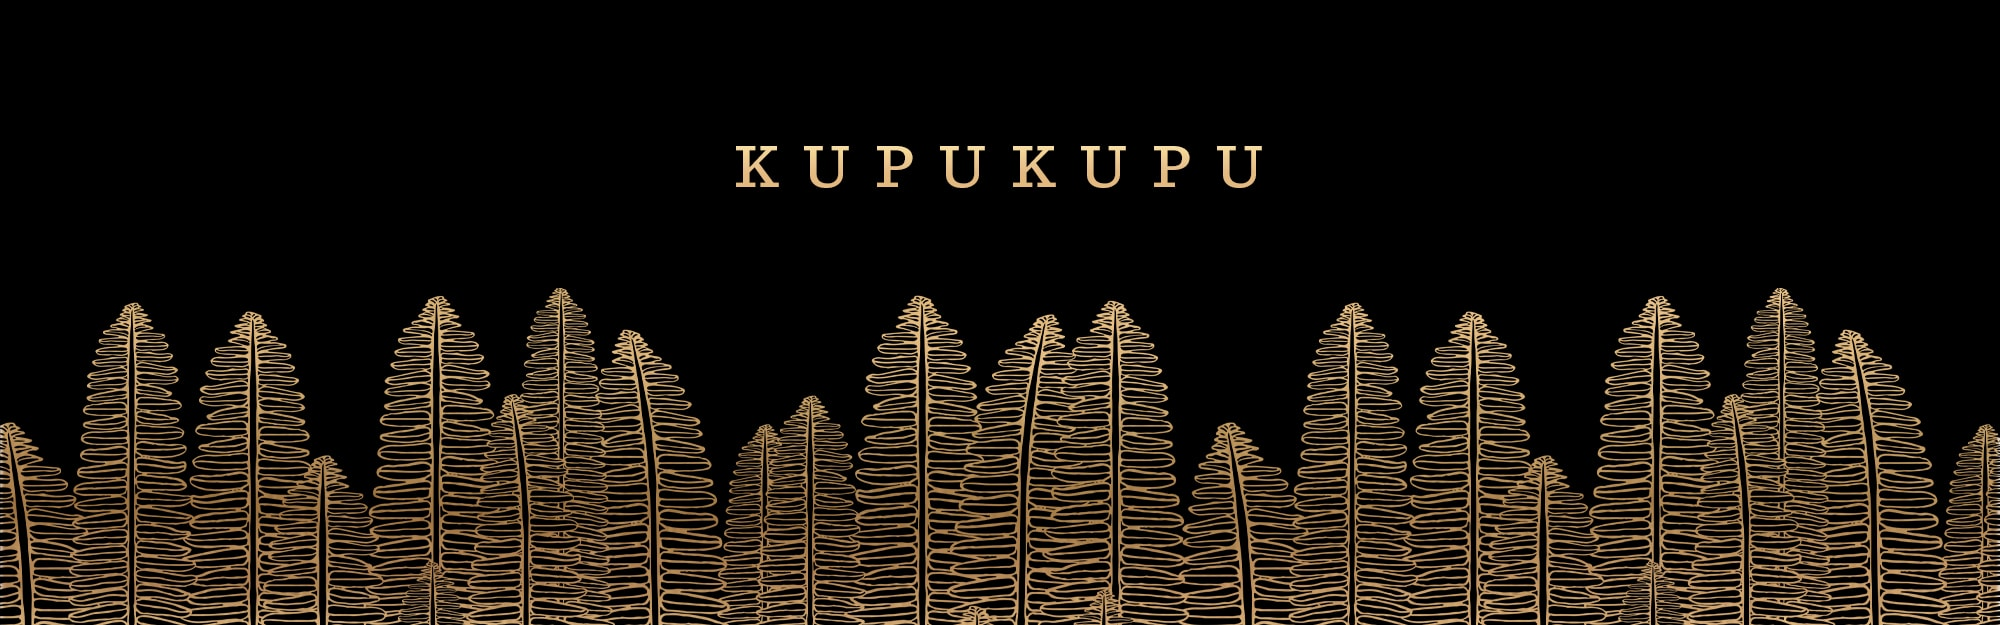 Kupukupu Prints Banner